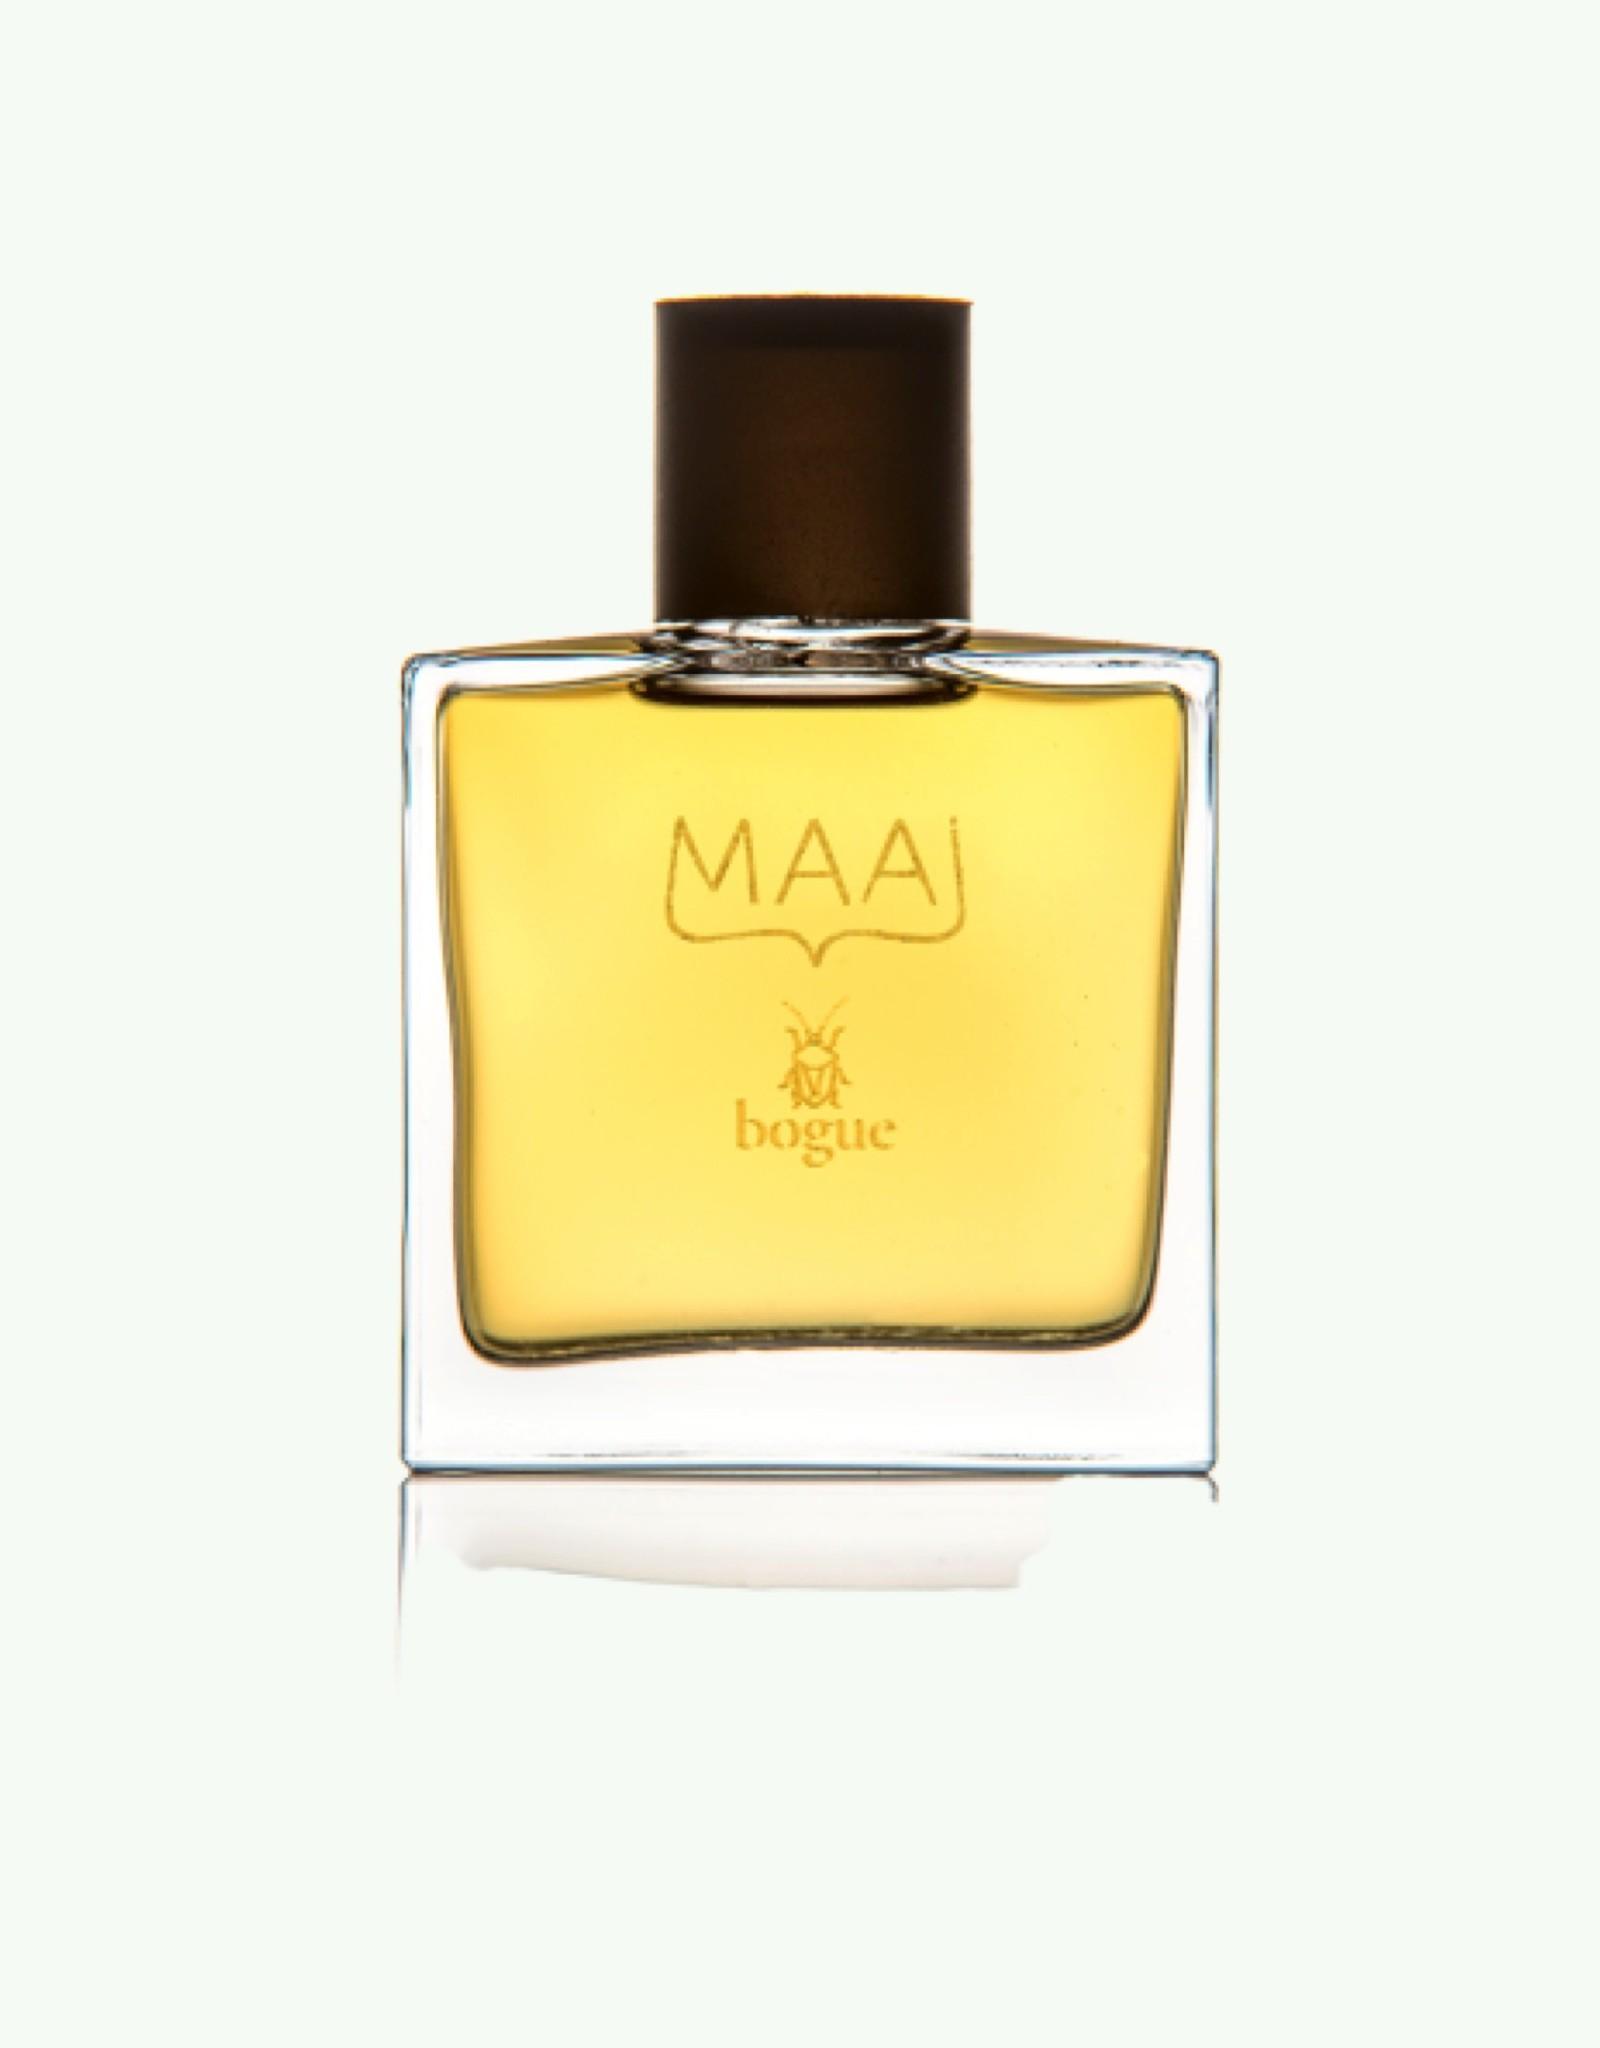 Bogue Profumo Bogue Profumo - MAAI - Eau de Parfum